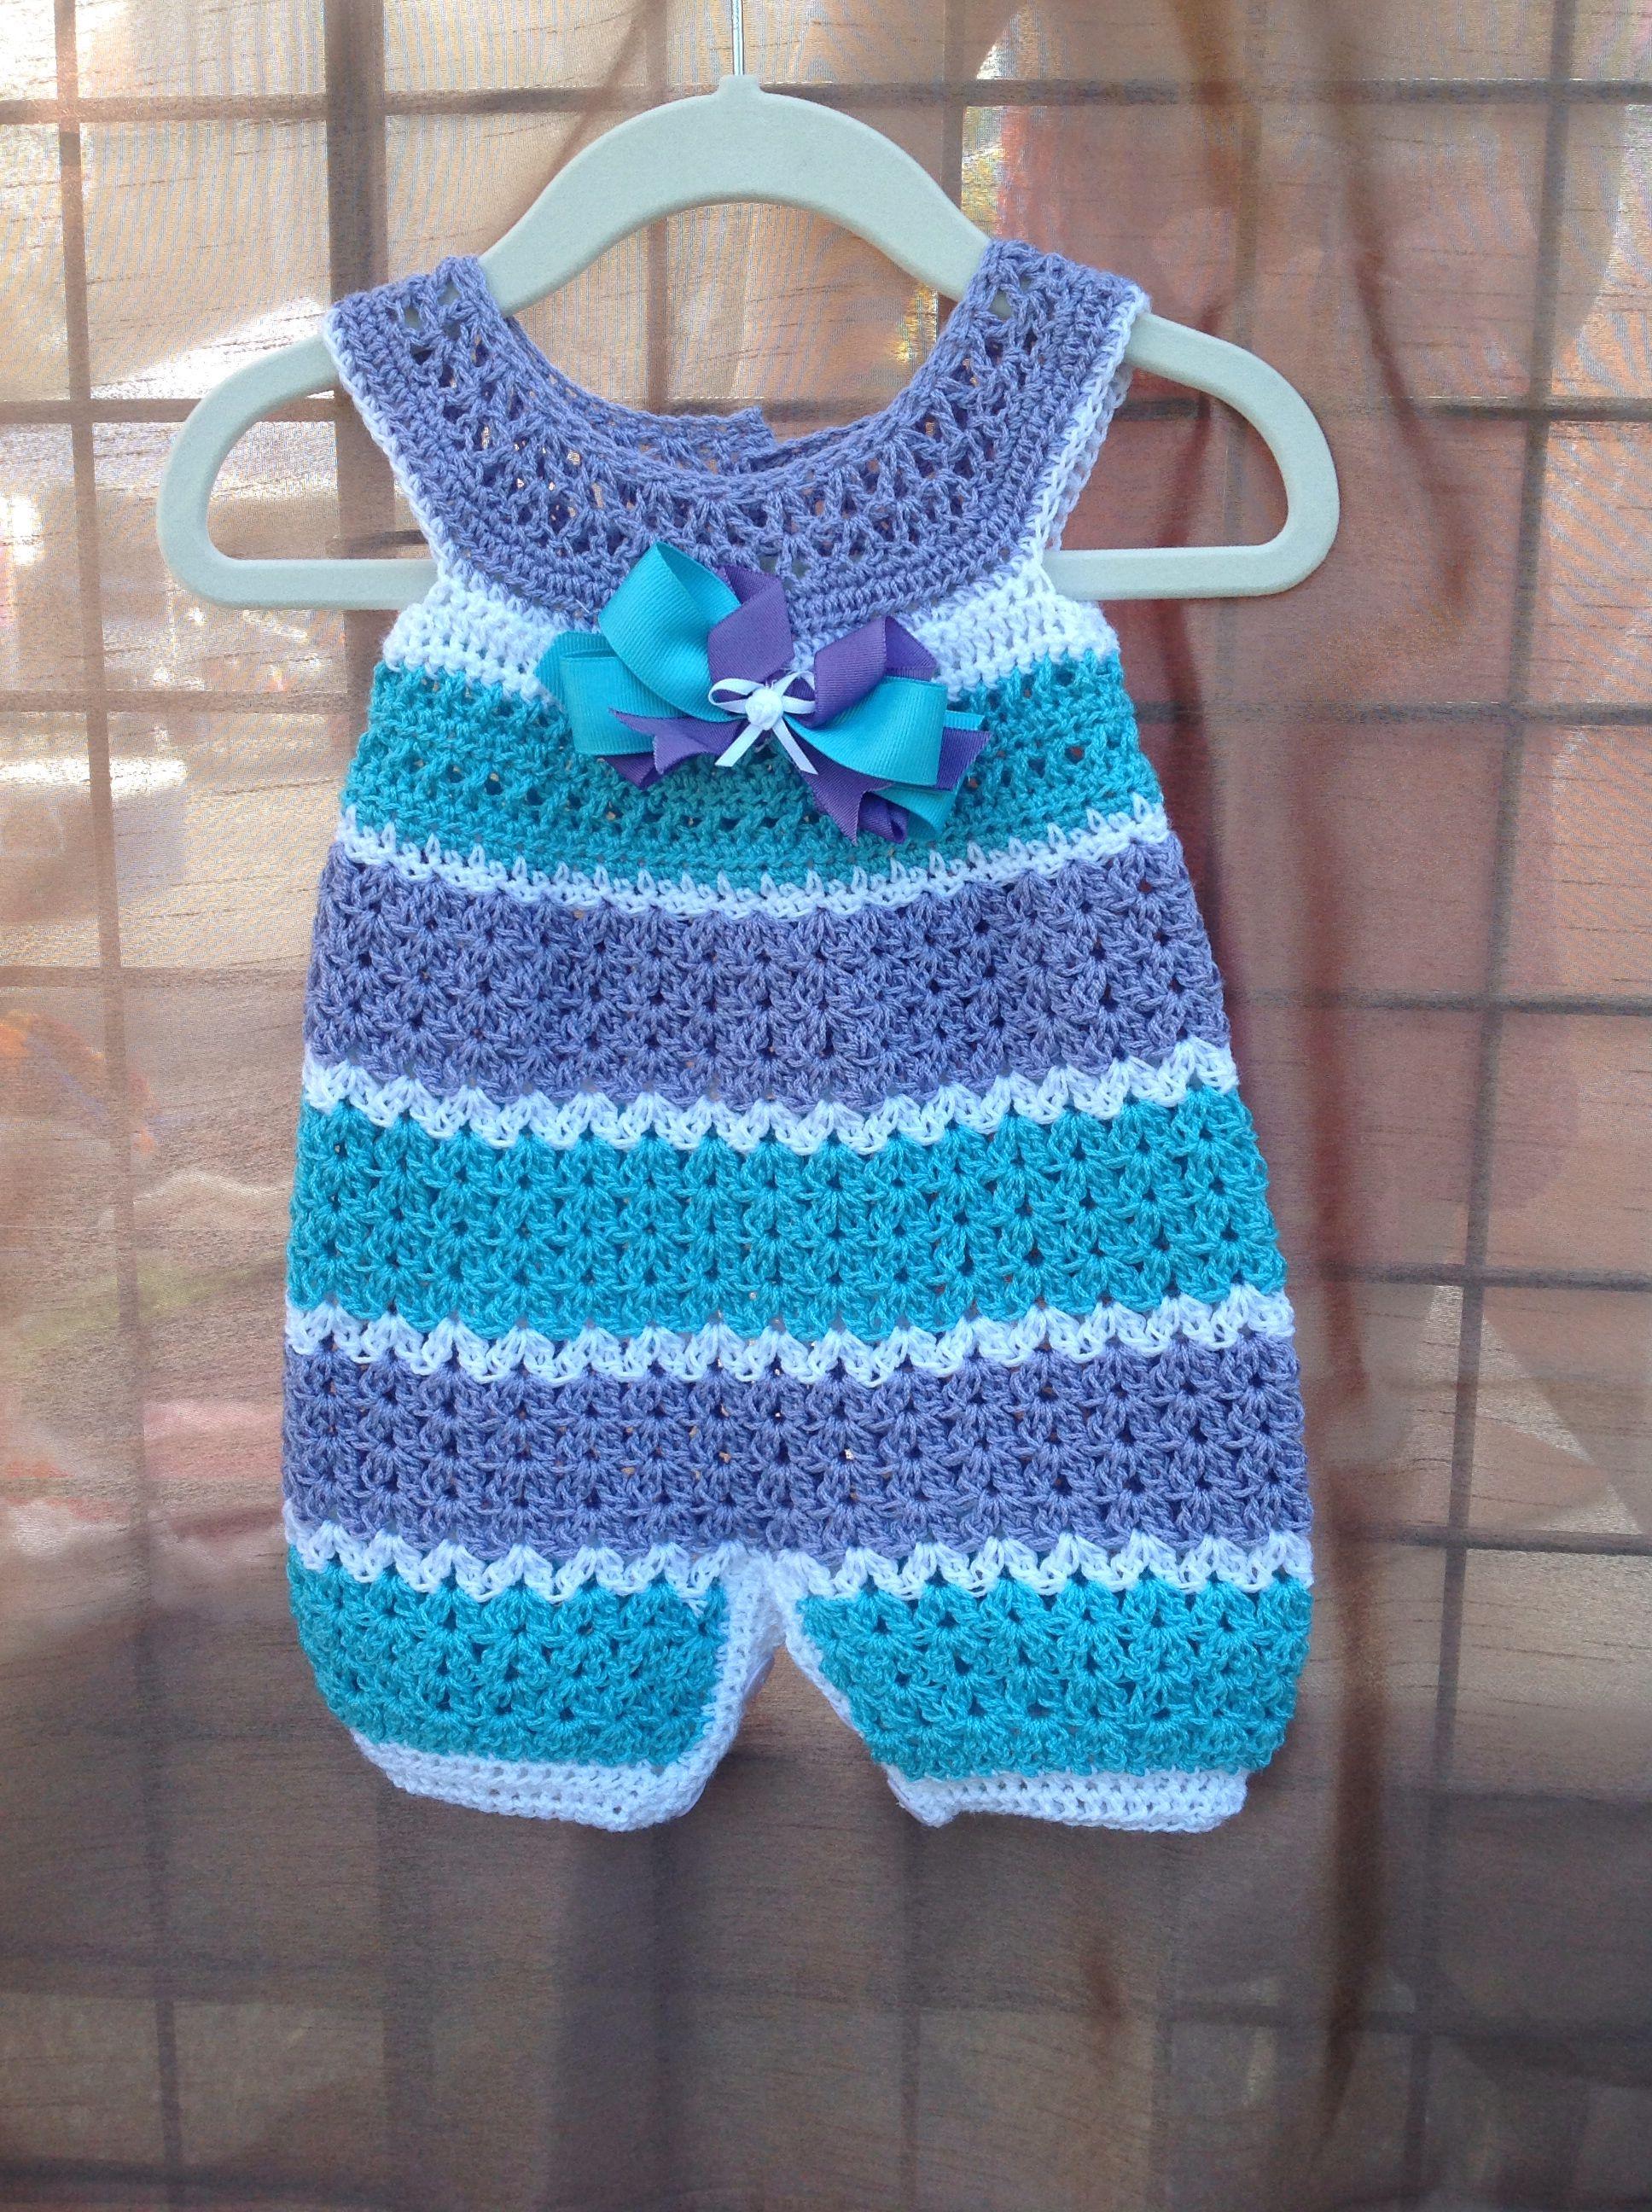 Crochet infant romper 3-6 m Crochet baby dresses Pinterest